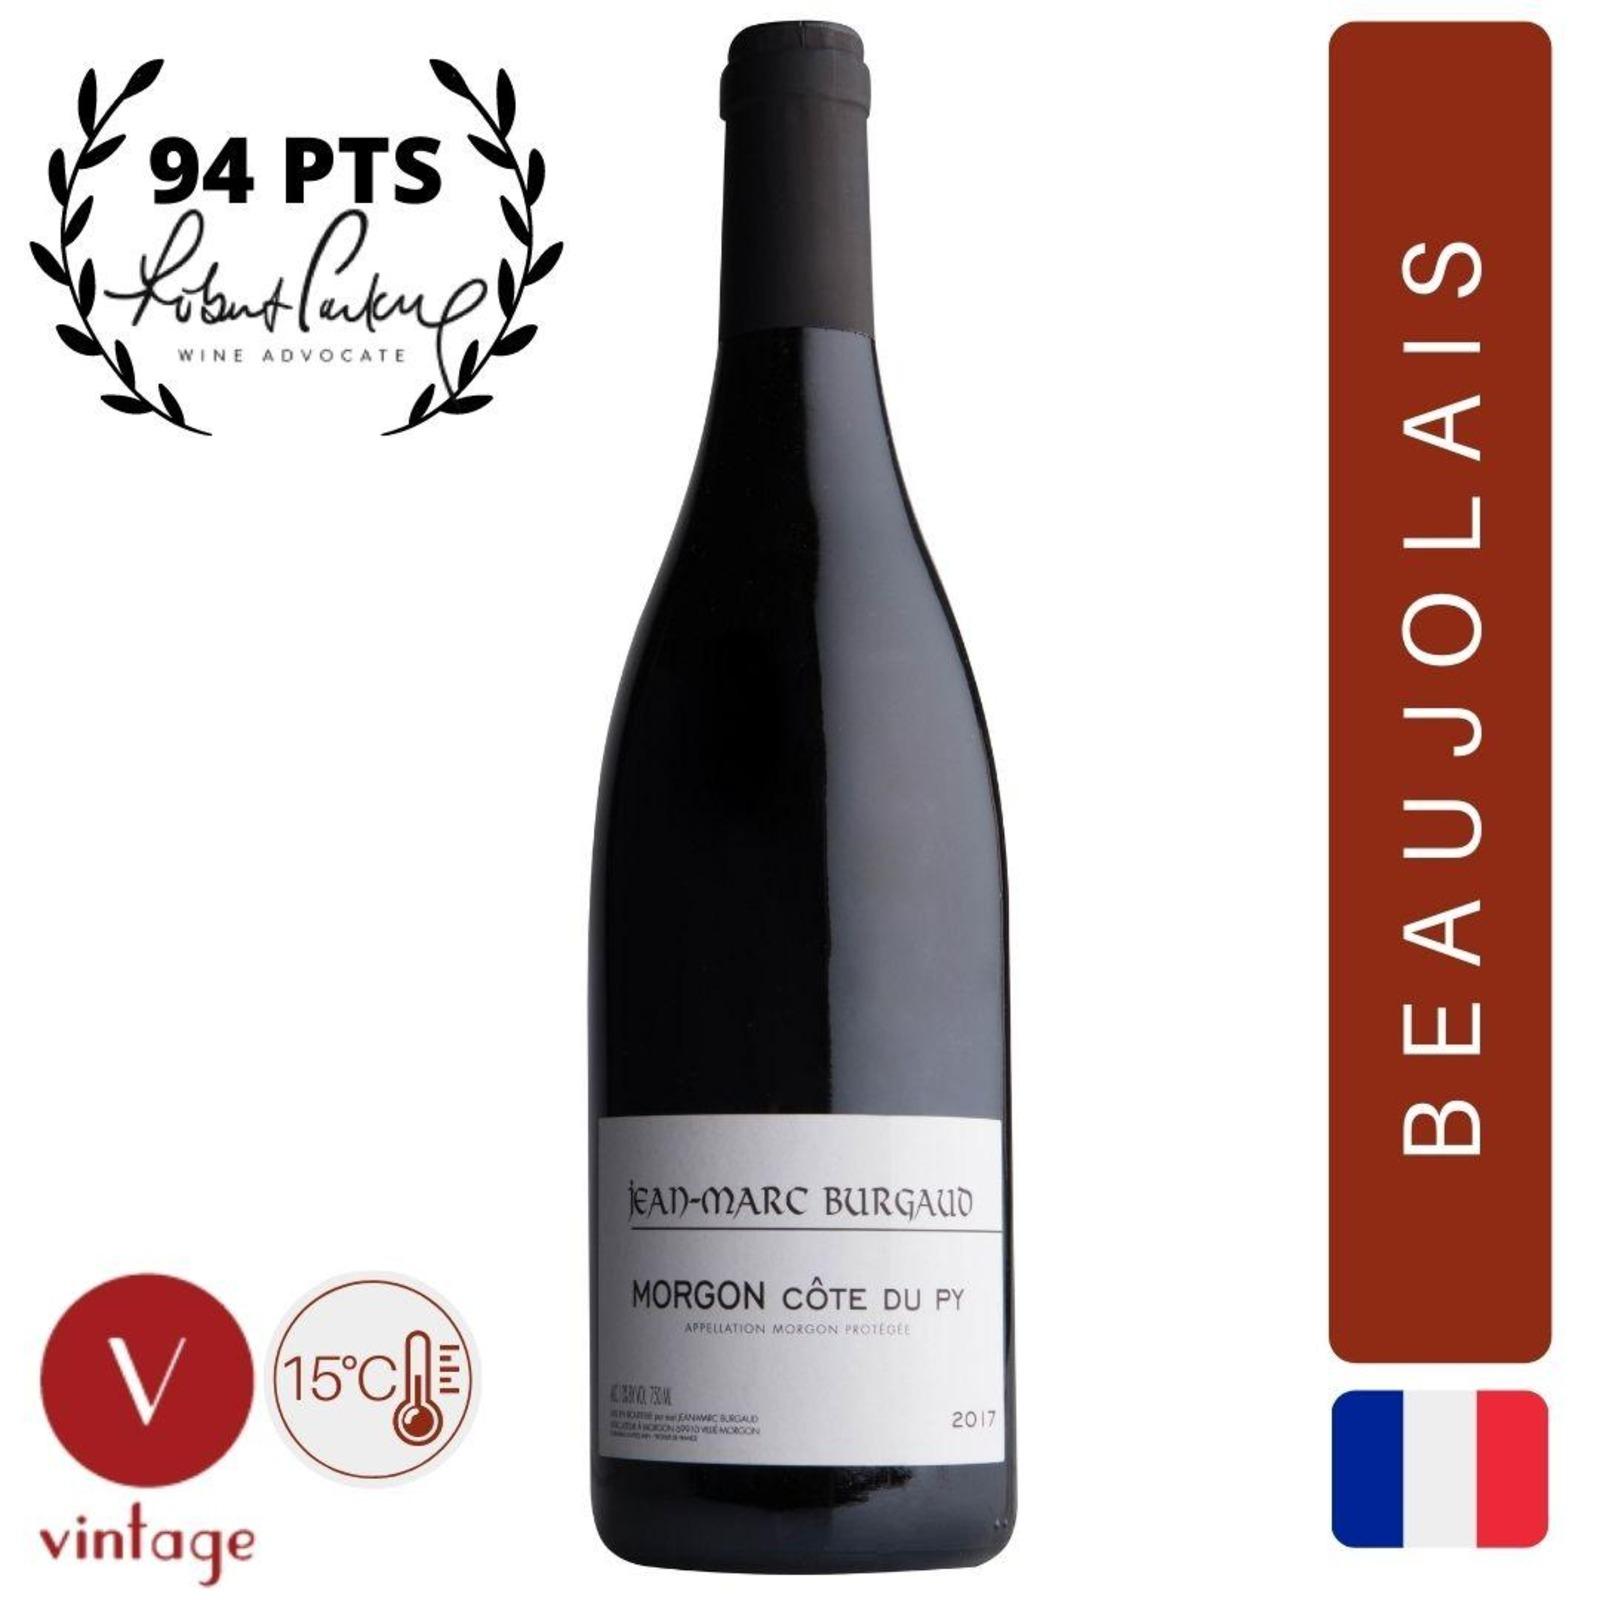 Jean-Marc Burgaud - Morgon Cotes de Py - Gamay Red Wine